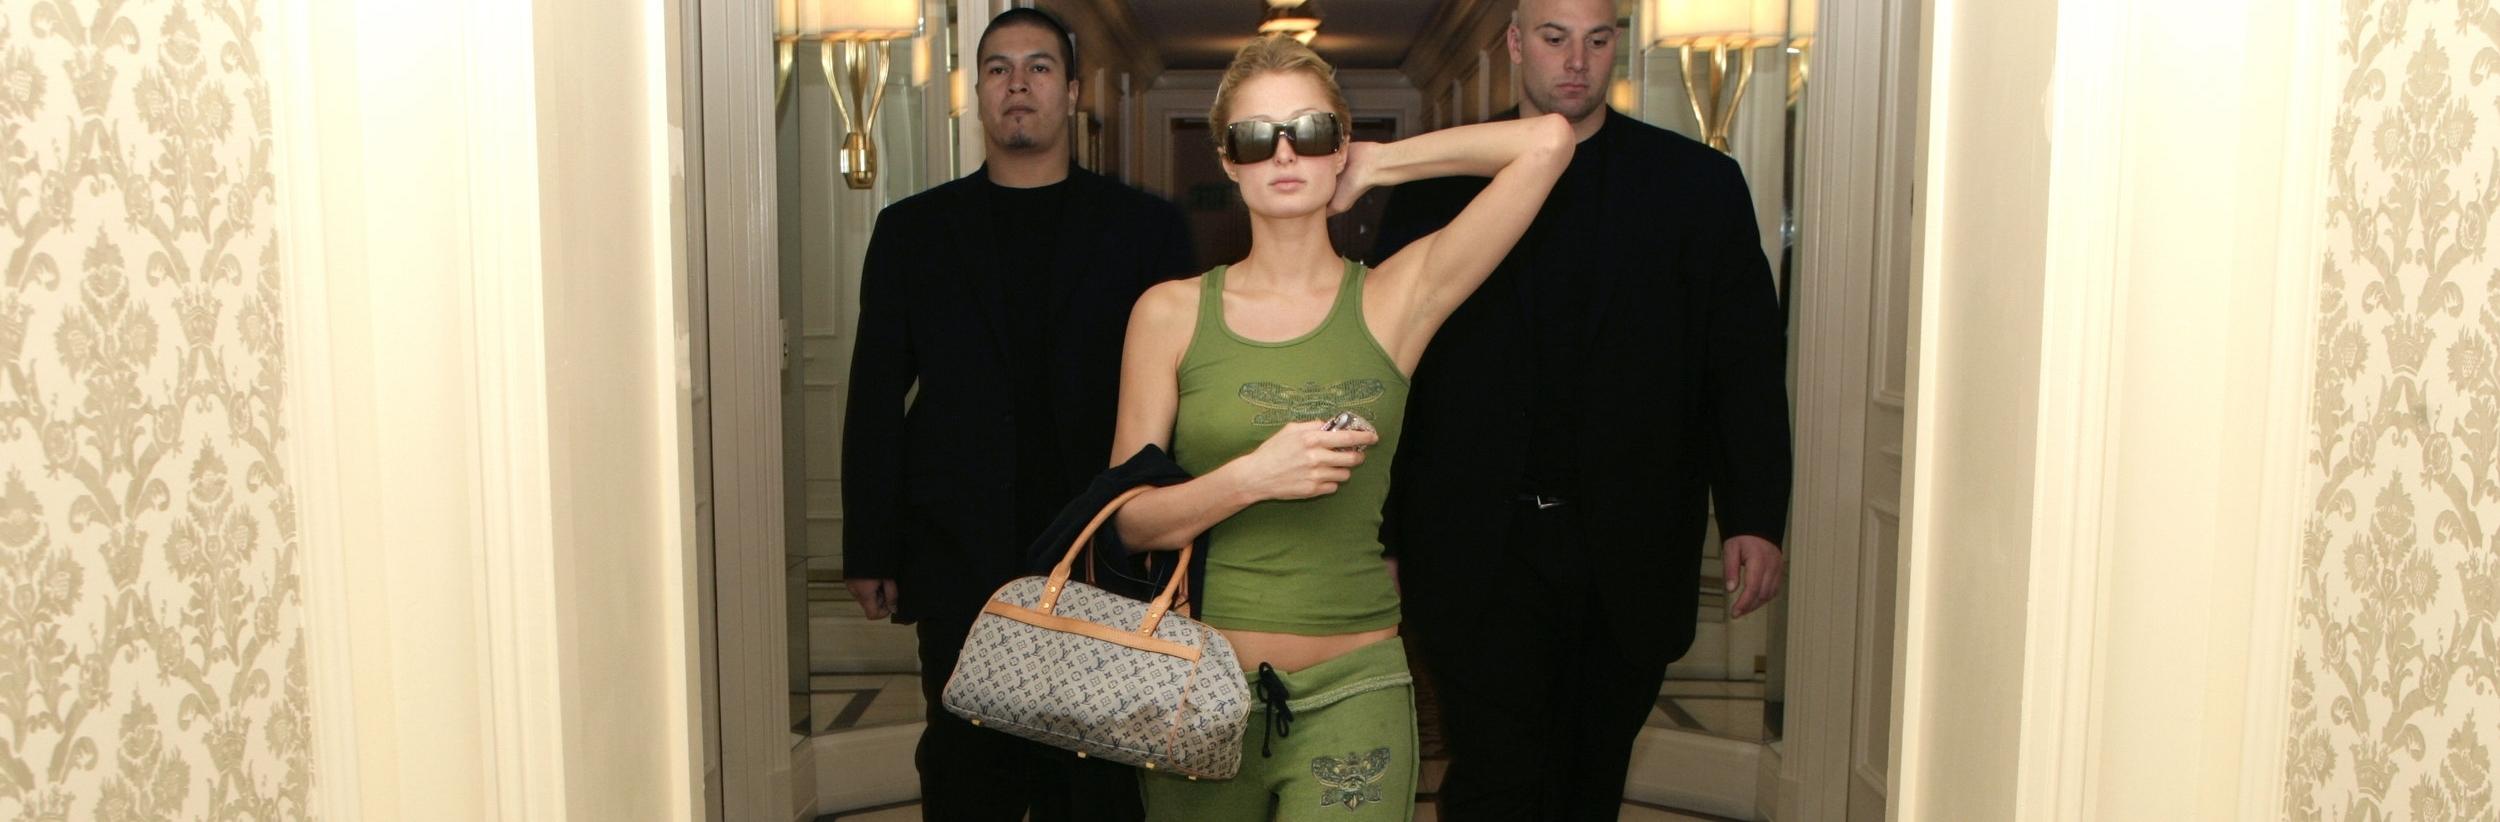 Paris Hilton/ Las Vegas for Hilton